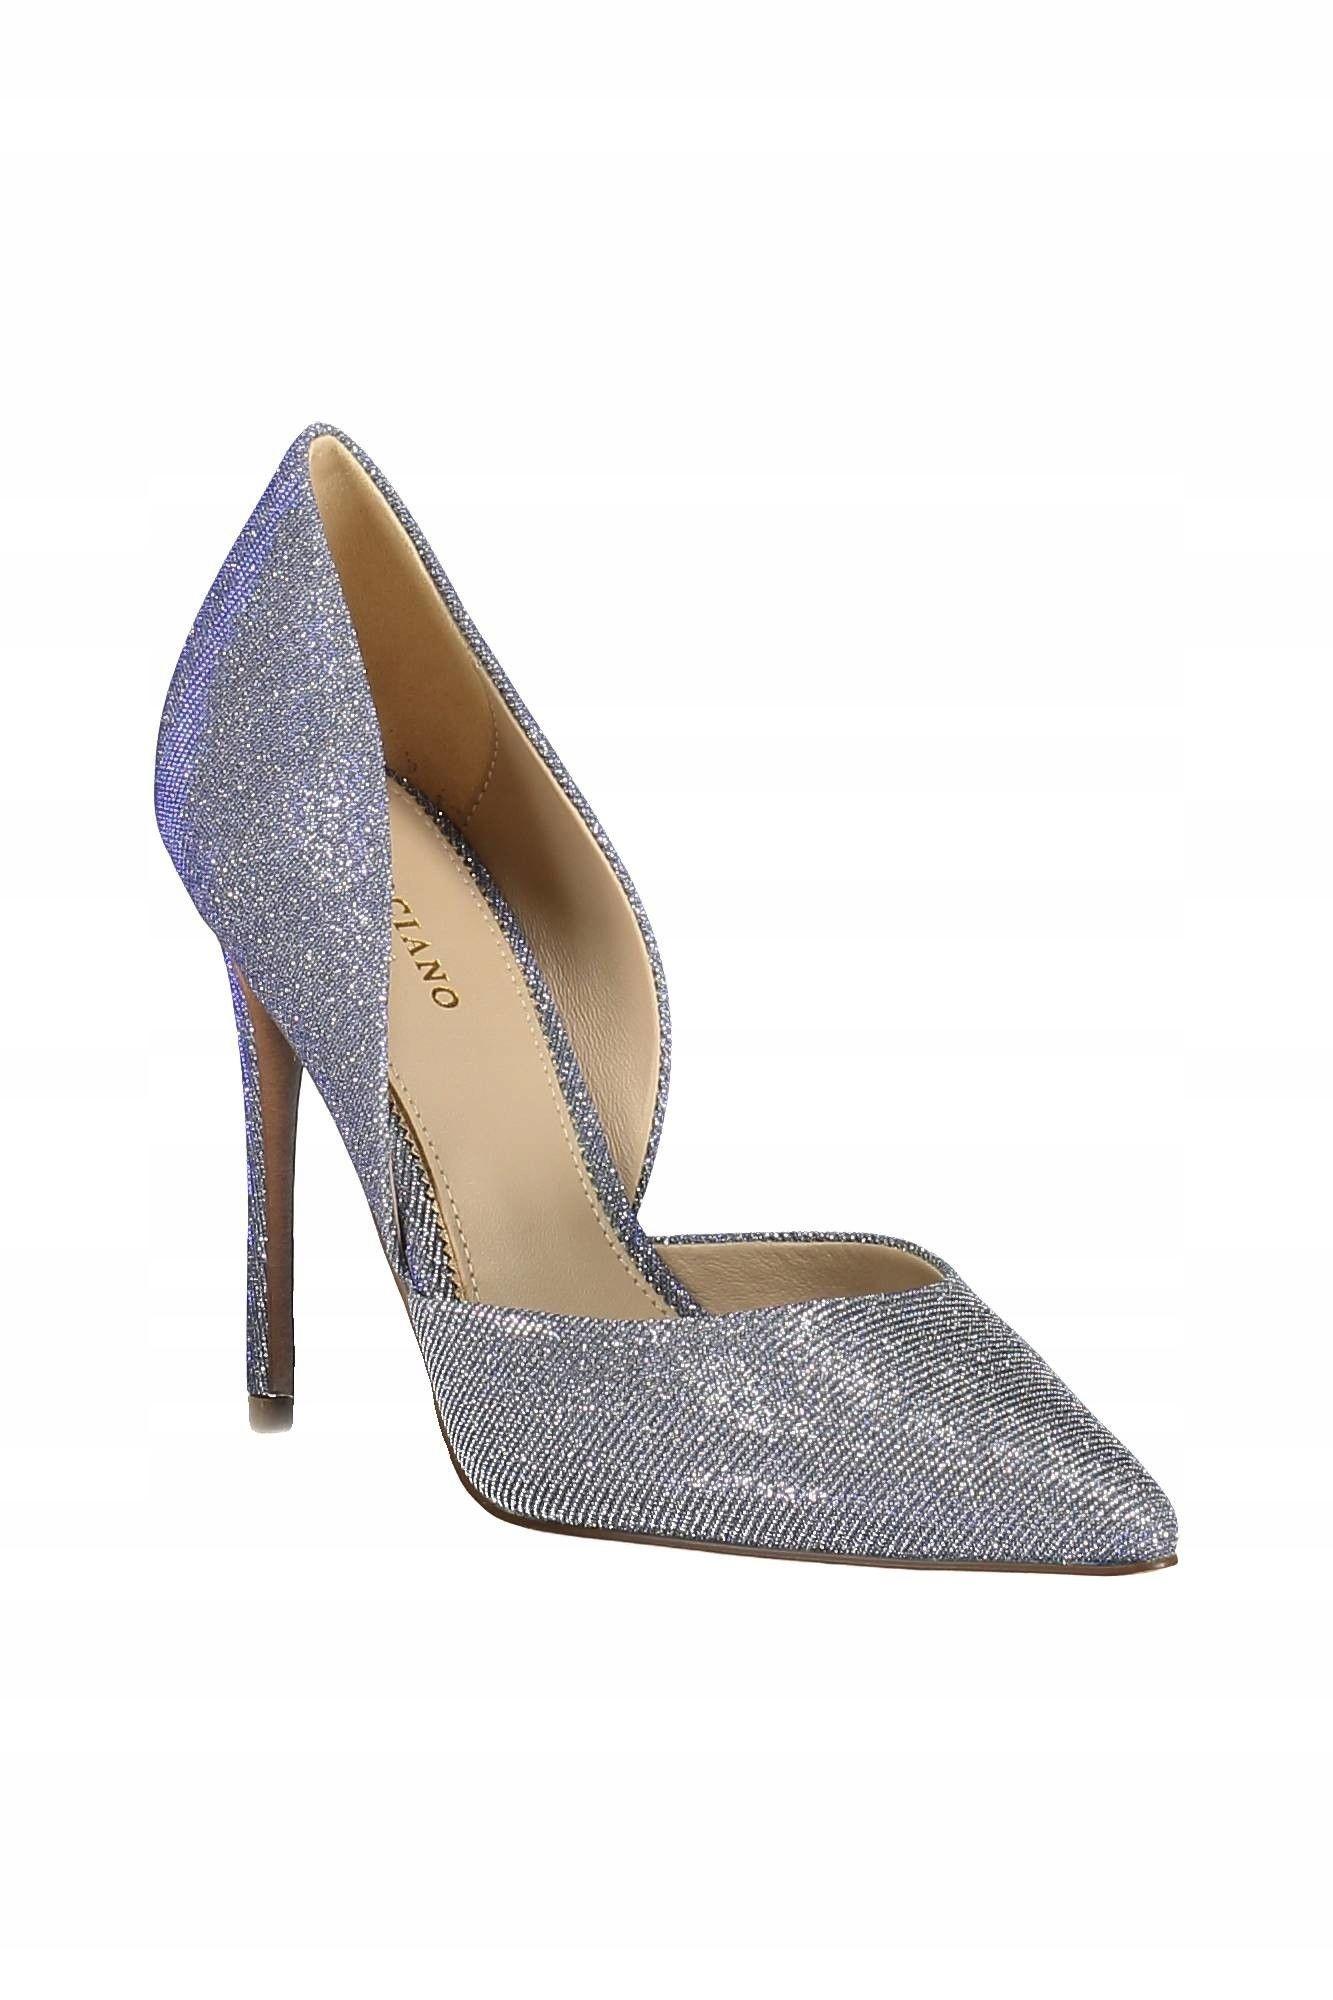 Guess Marciano buty damskie 36 Niebieski